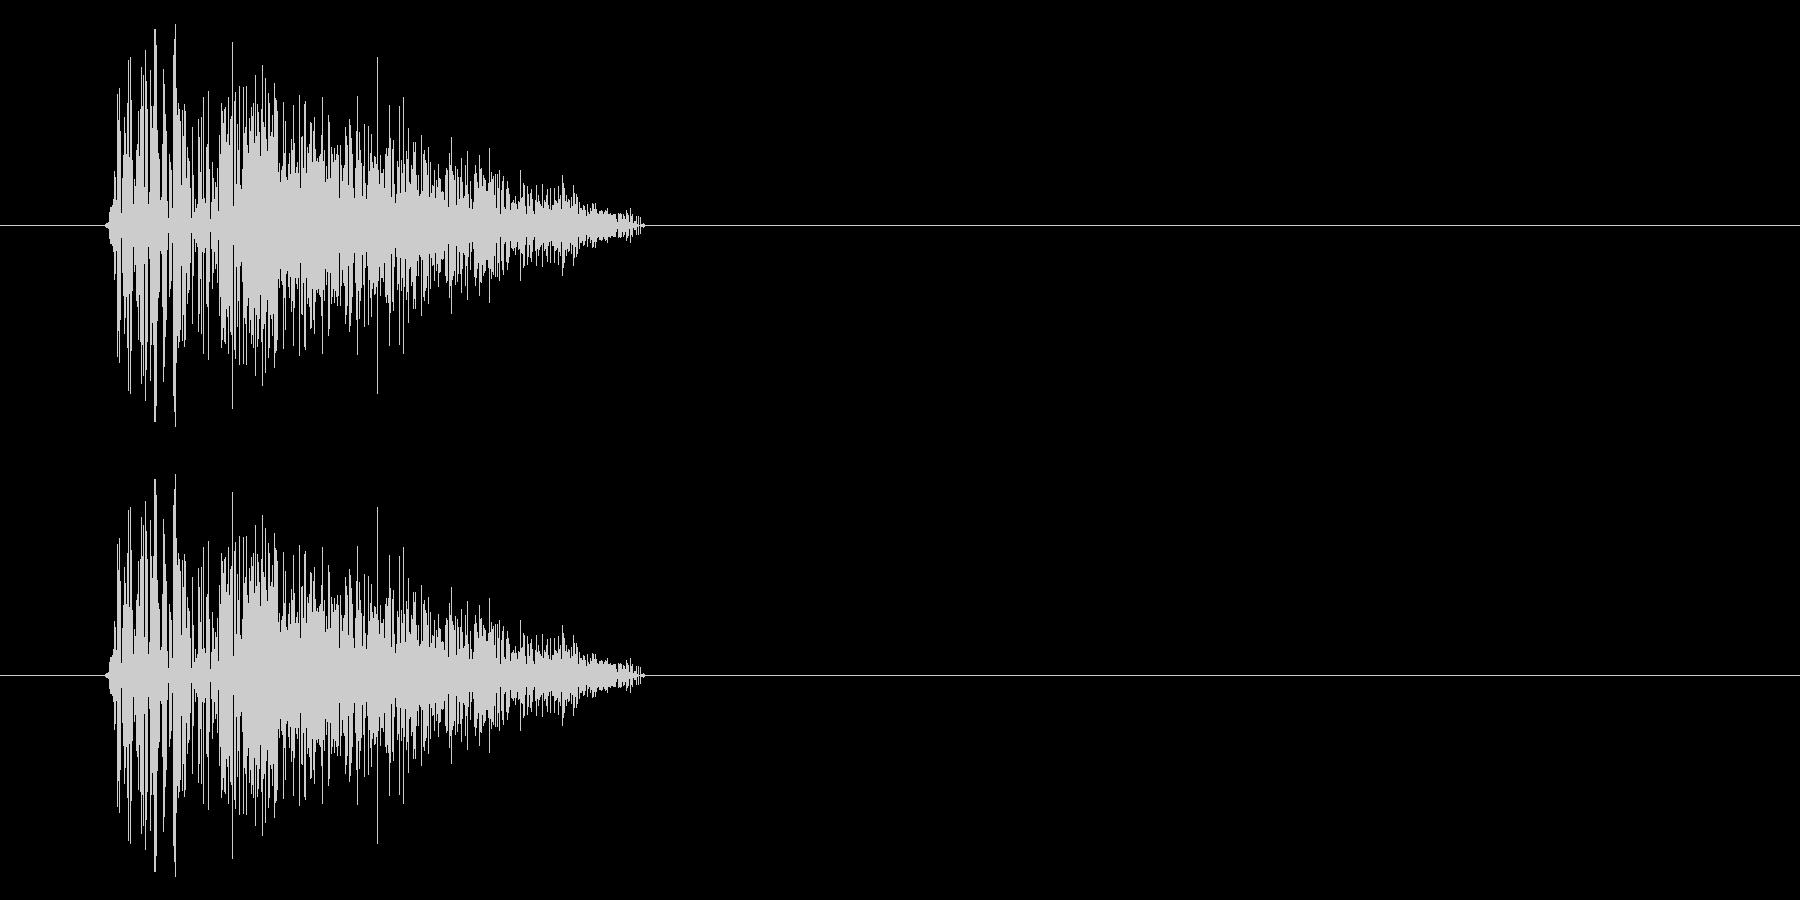 NES シューティング01-4(ダメージの未再生の波形